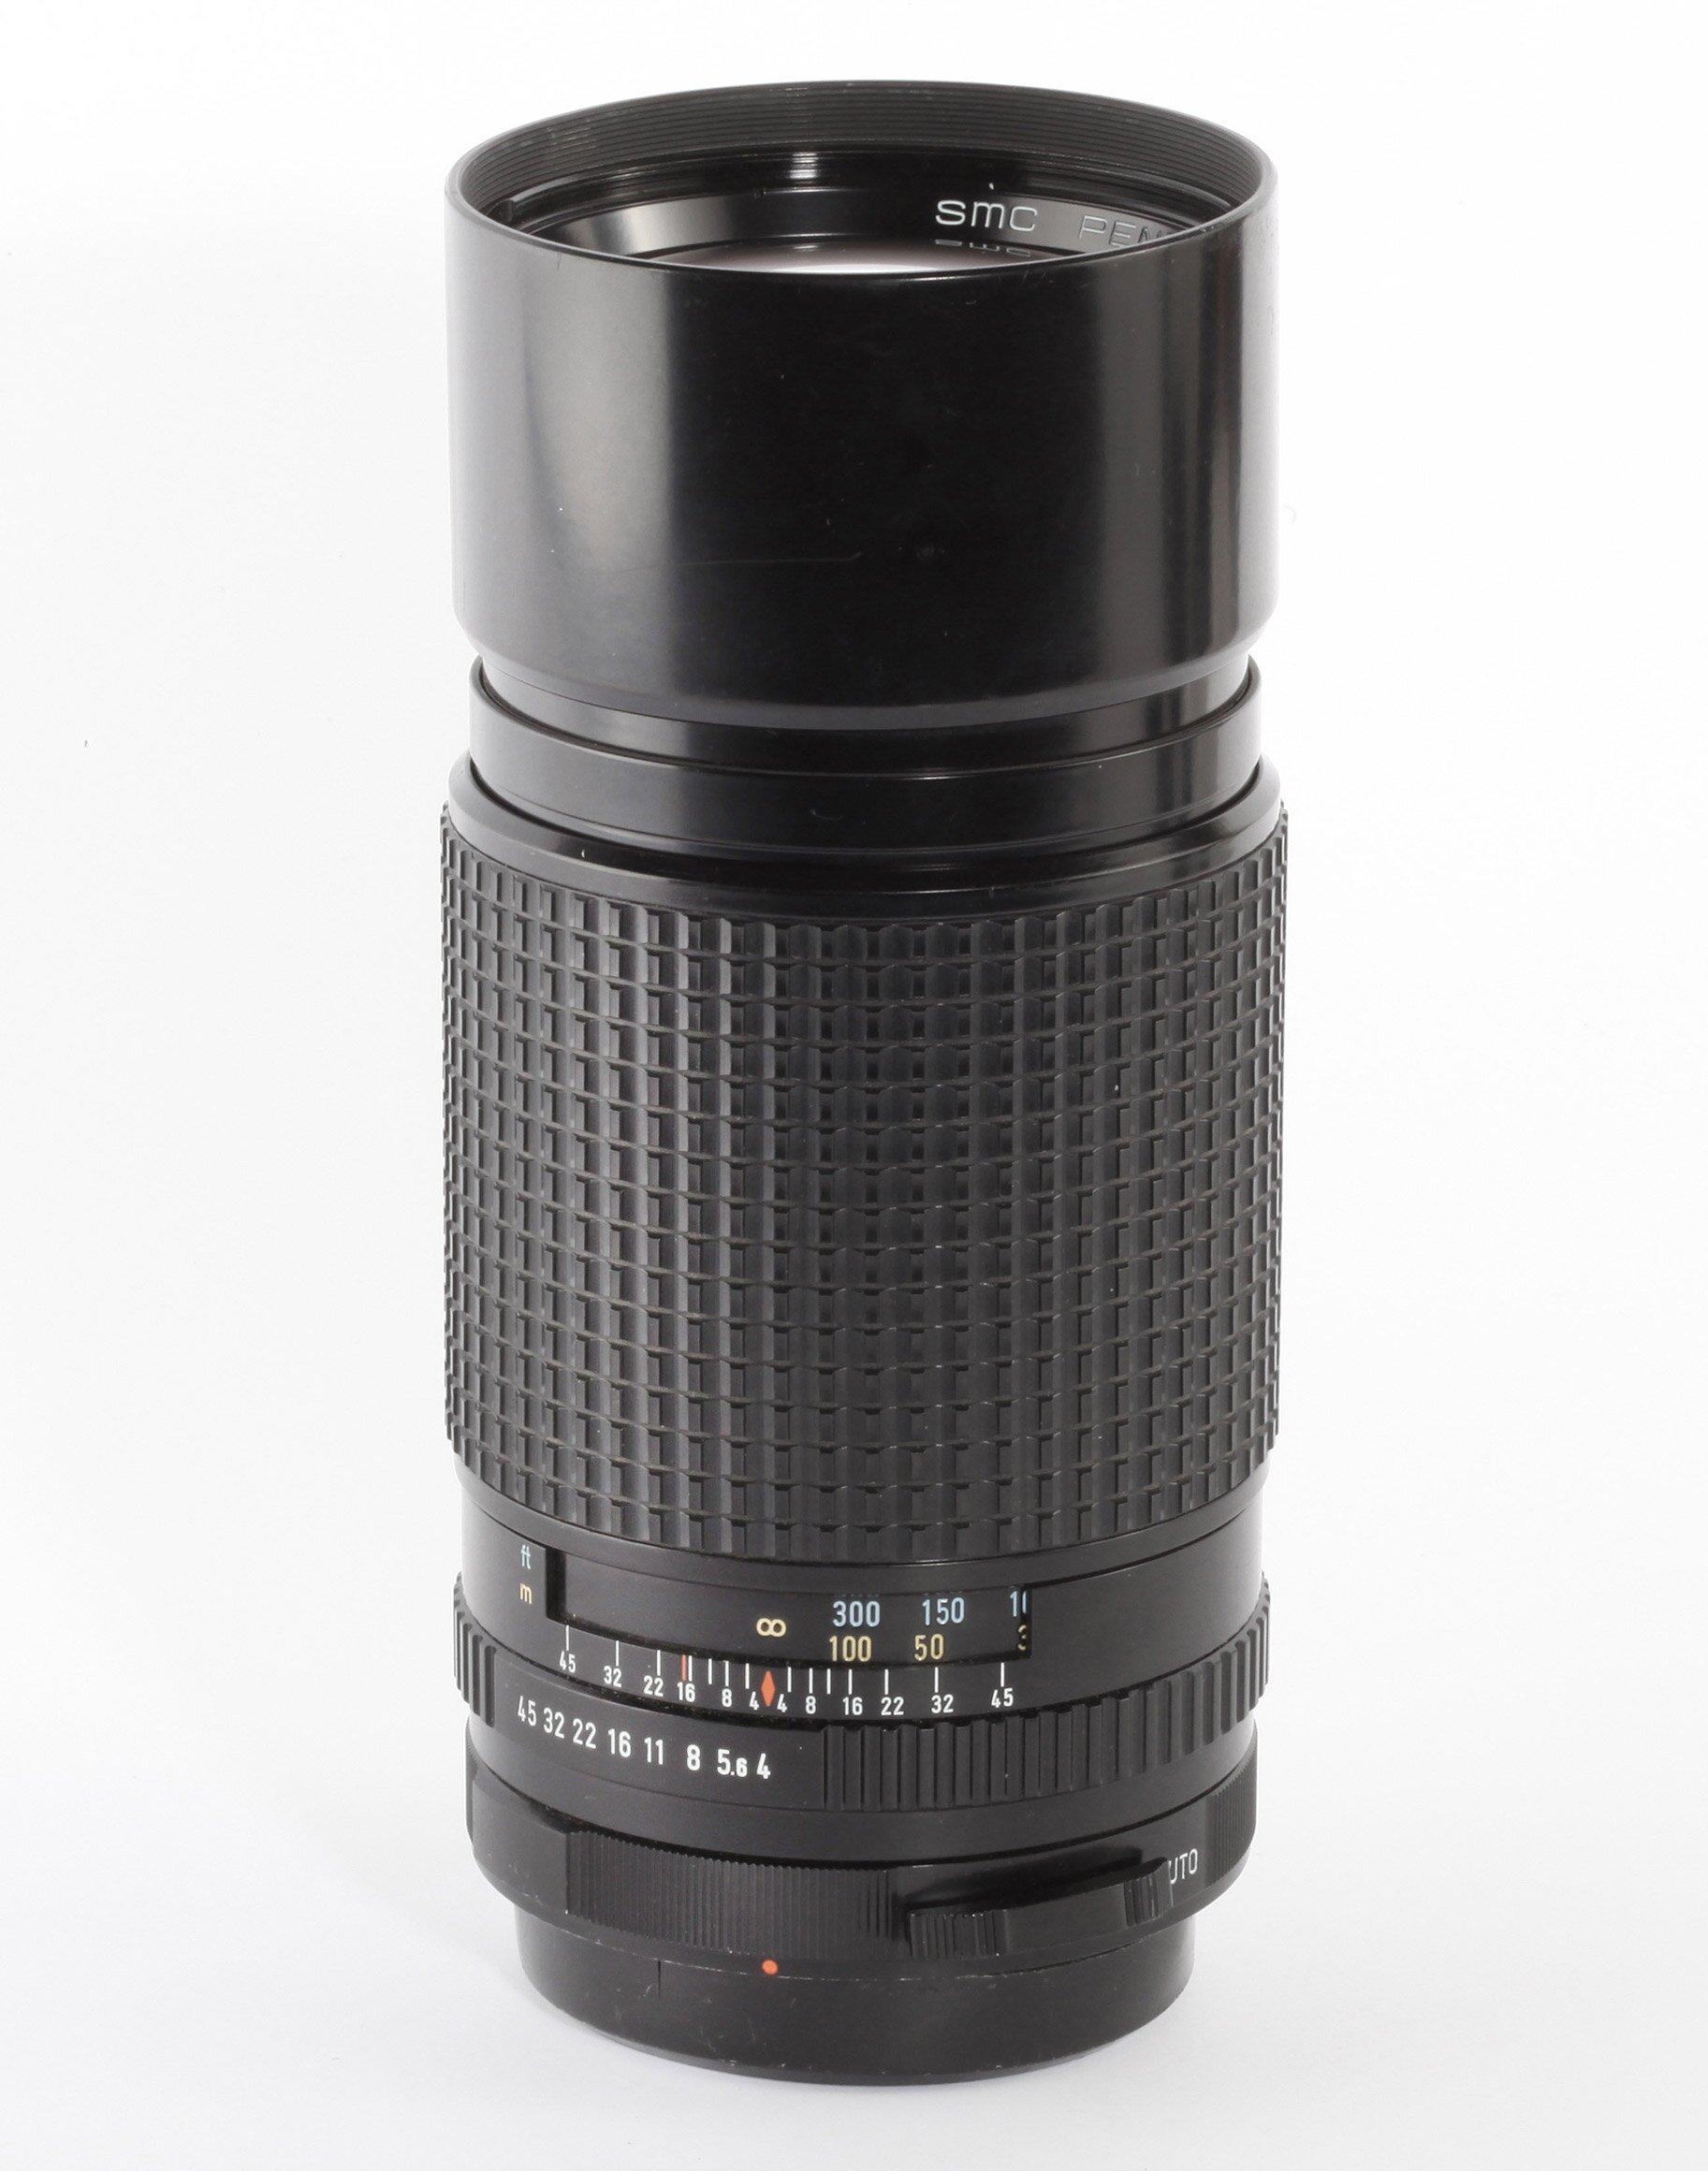 SMC Pentax 67 4/300mm